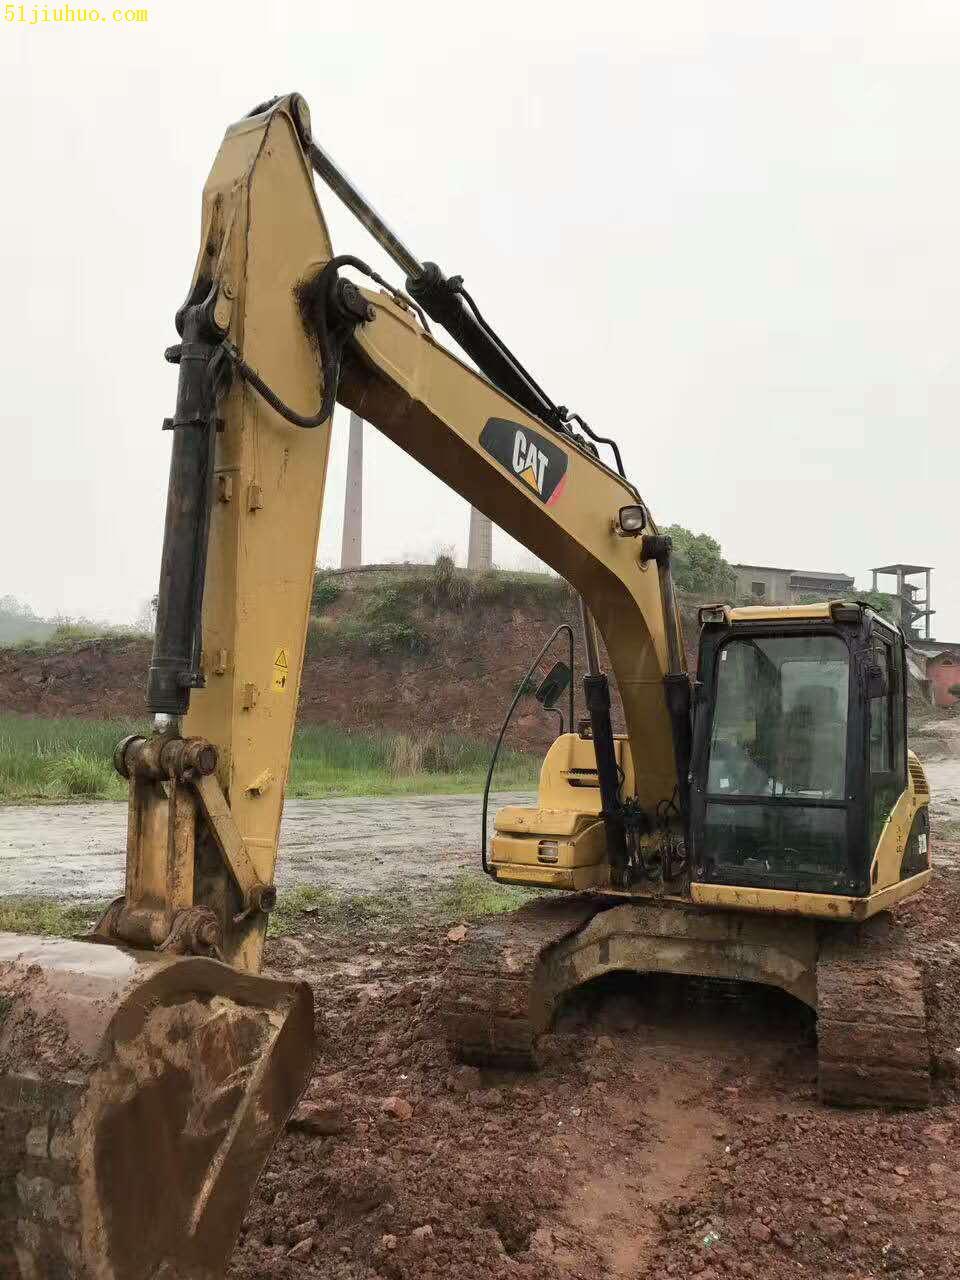 低价出售卡特312d二手挖机